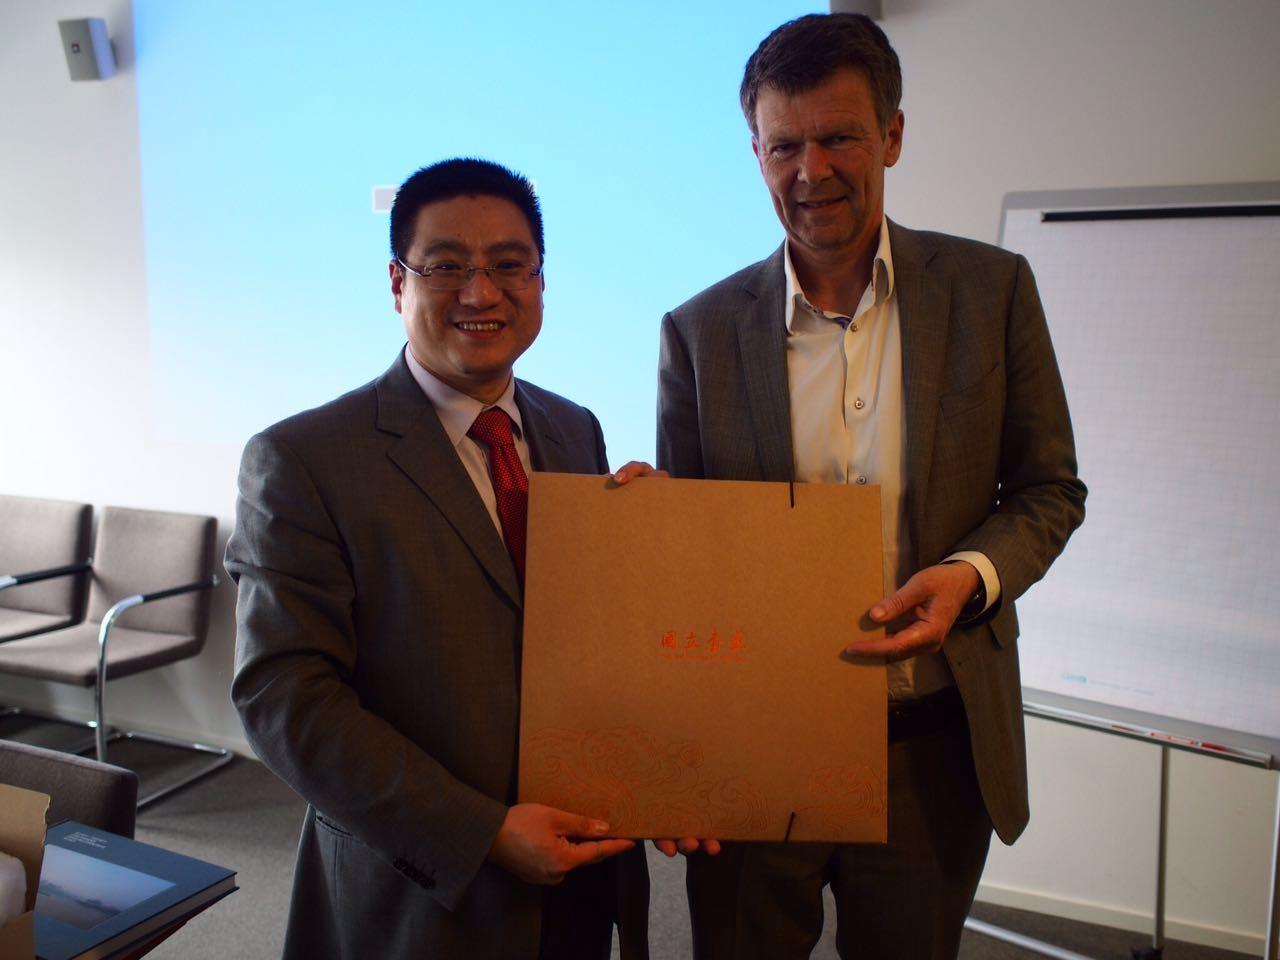 陈黎明先生向吕贝集团执行董事克鲁格先生赠送国立书画礼物